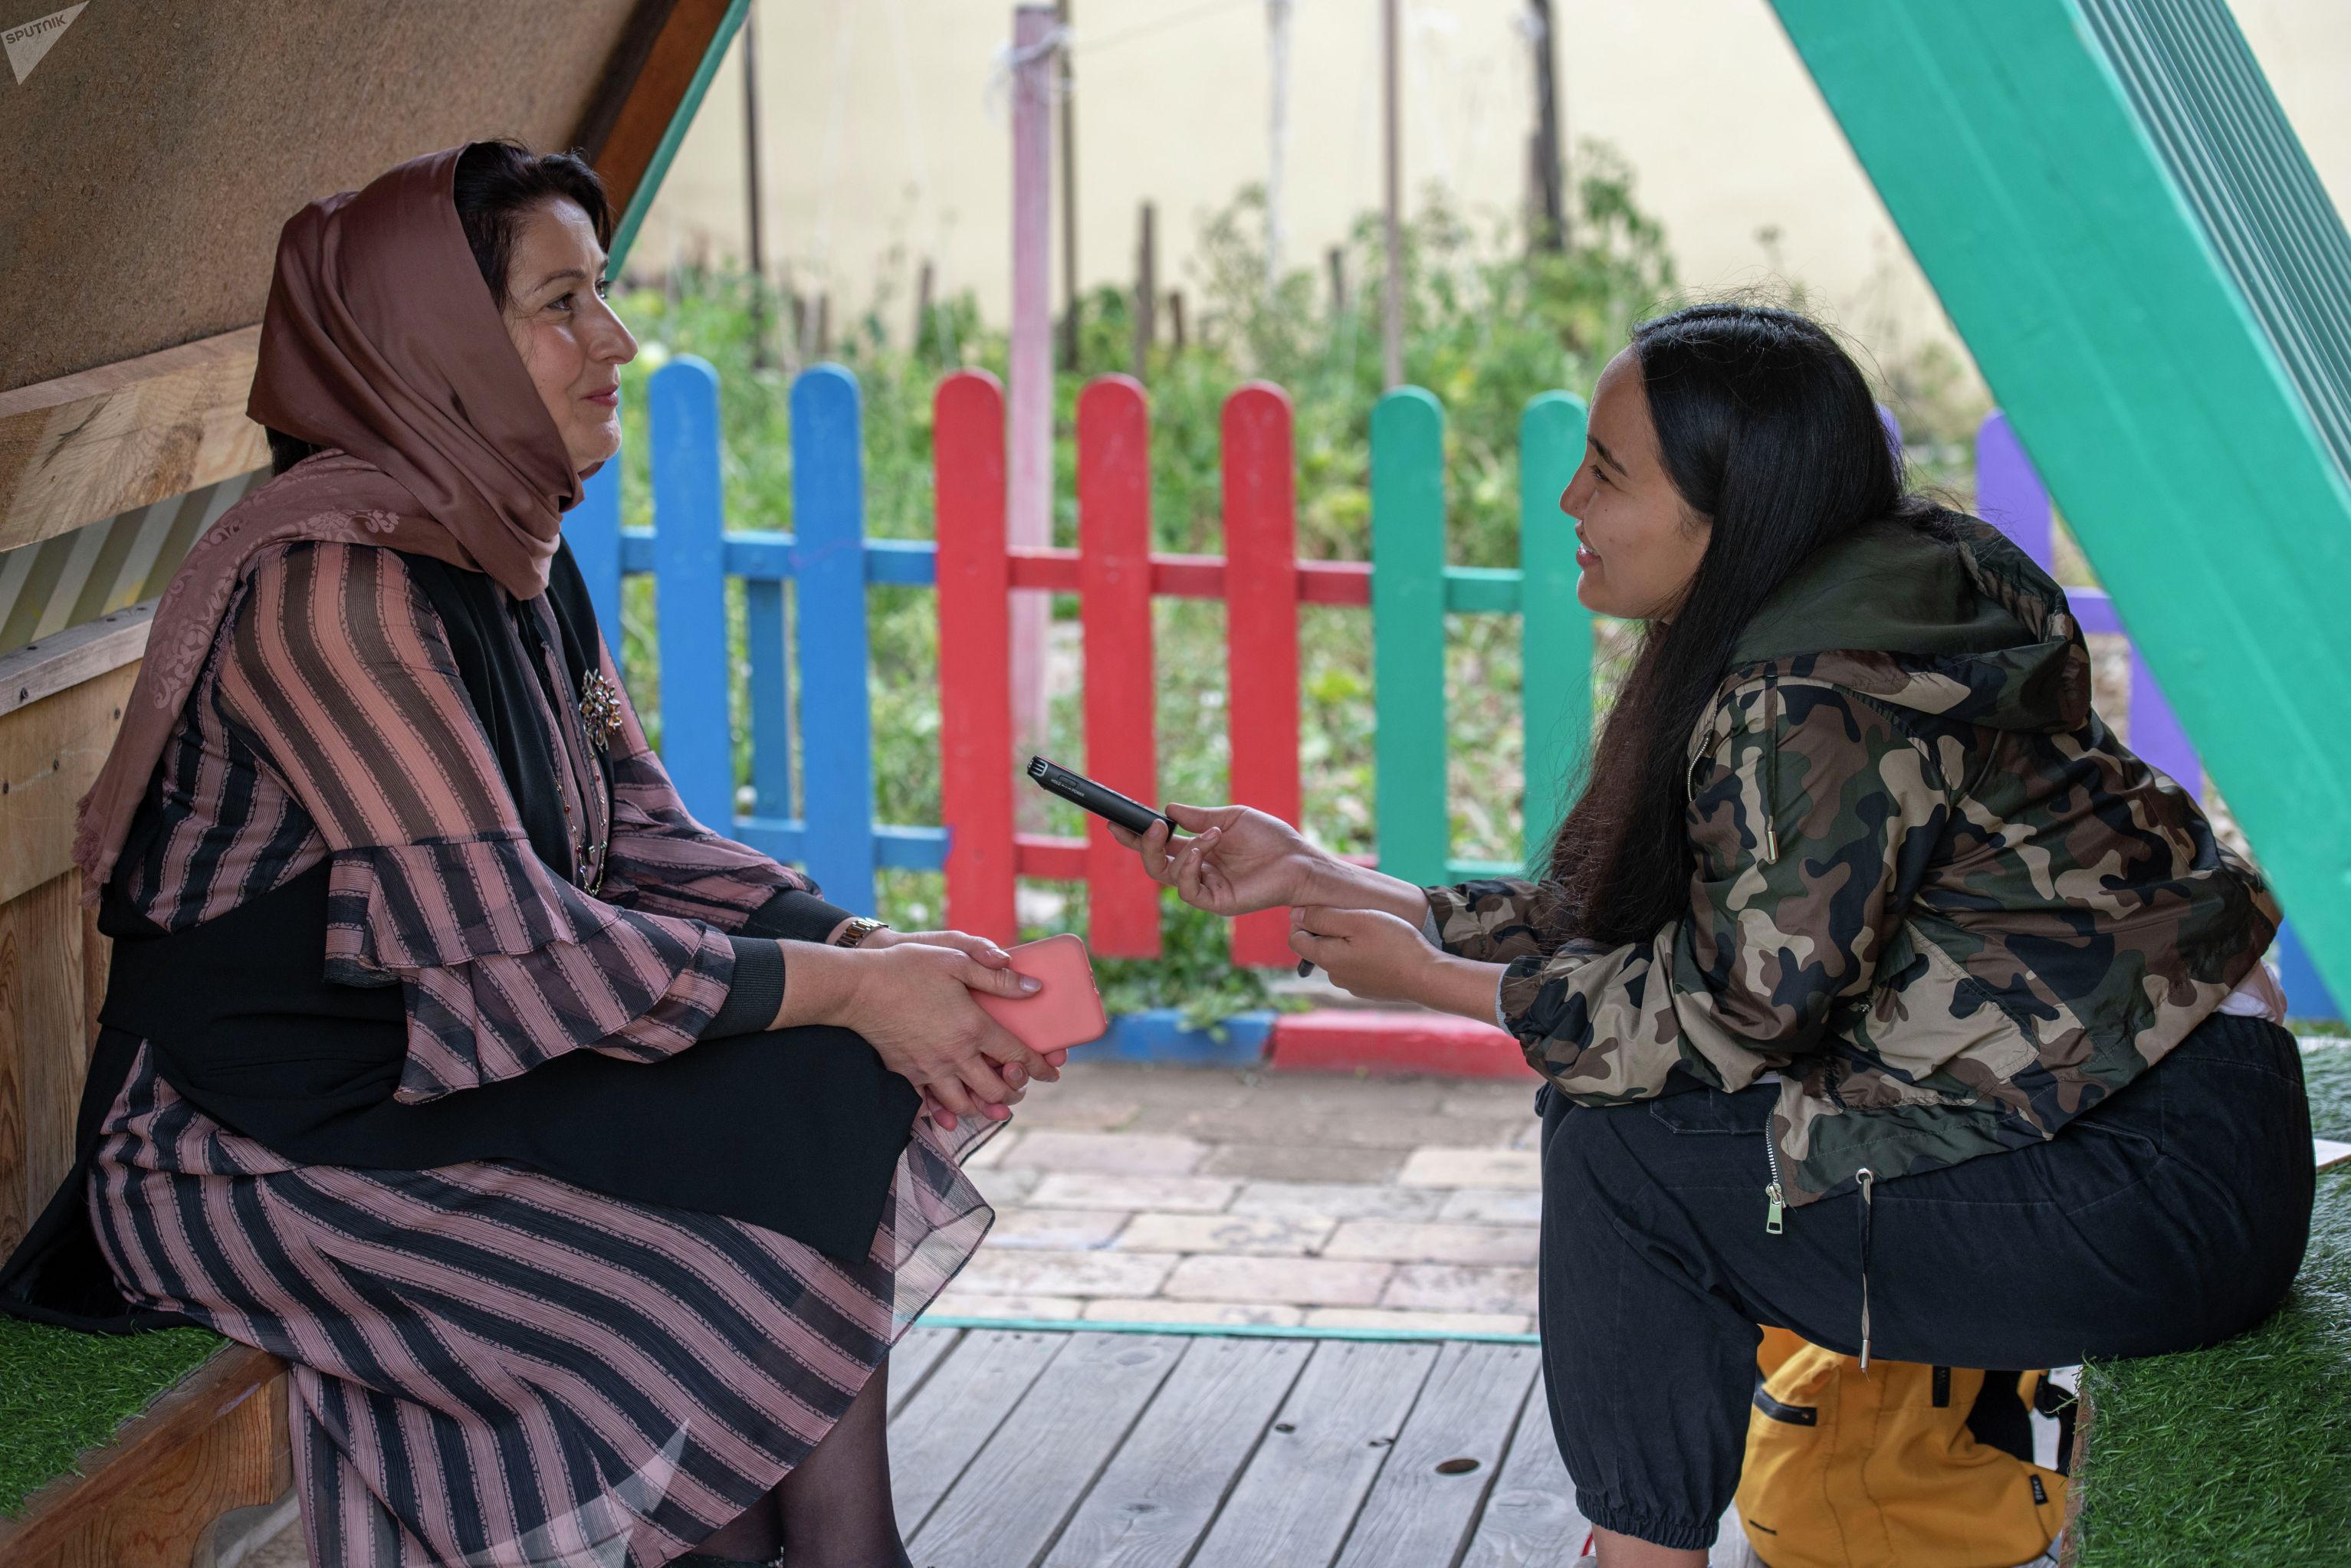 Айшат Вагапова, соучредитель благотворительного фонда Асыл бала, директор филиала Казахстанской ассоциации дошкольных организаций по городу Нур-Султан